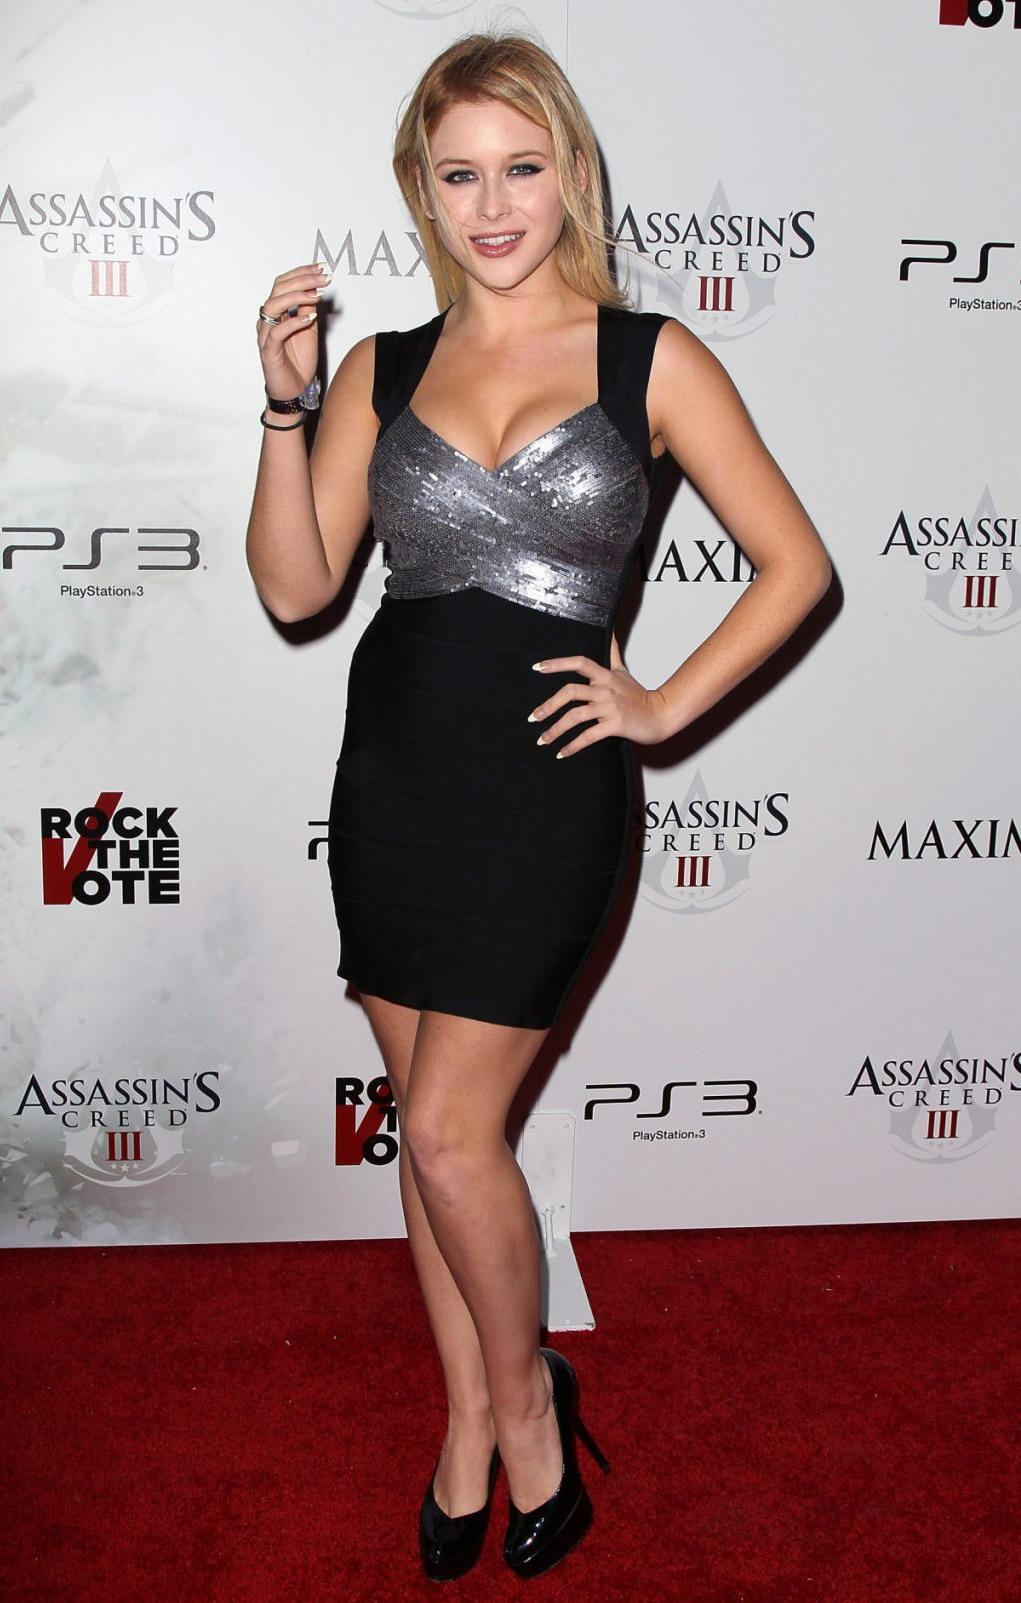 Renee Olstead Maxim Rock The Vote party in Los Angeles